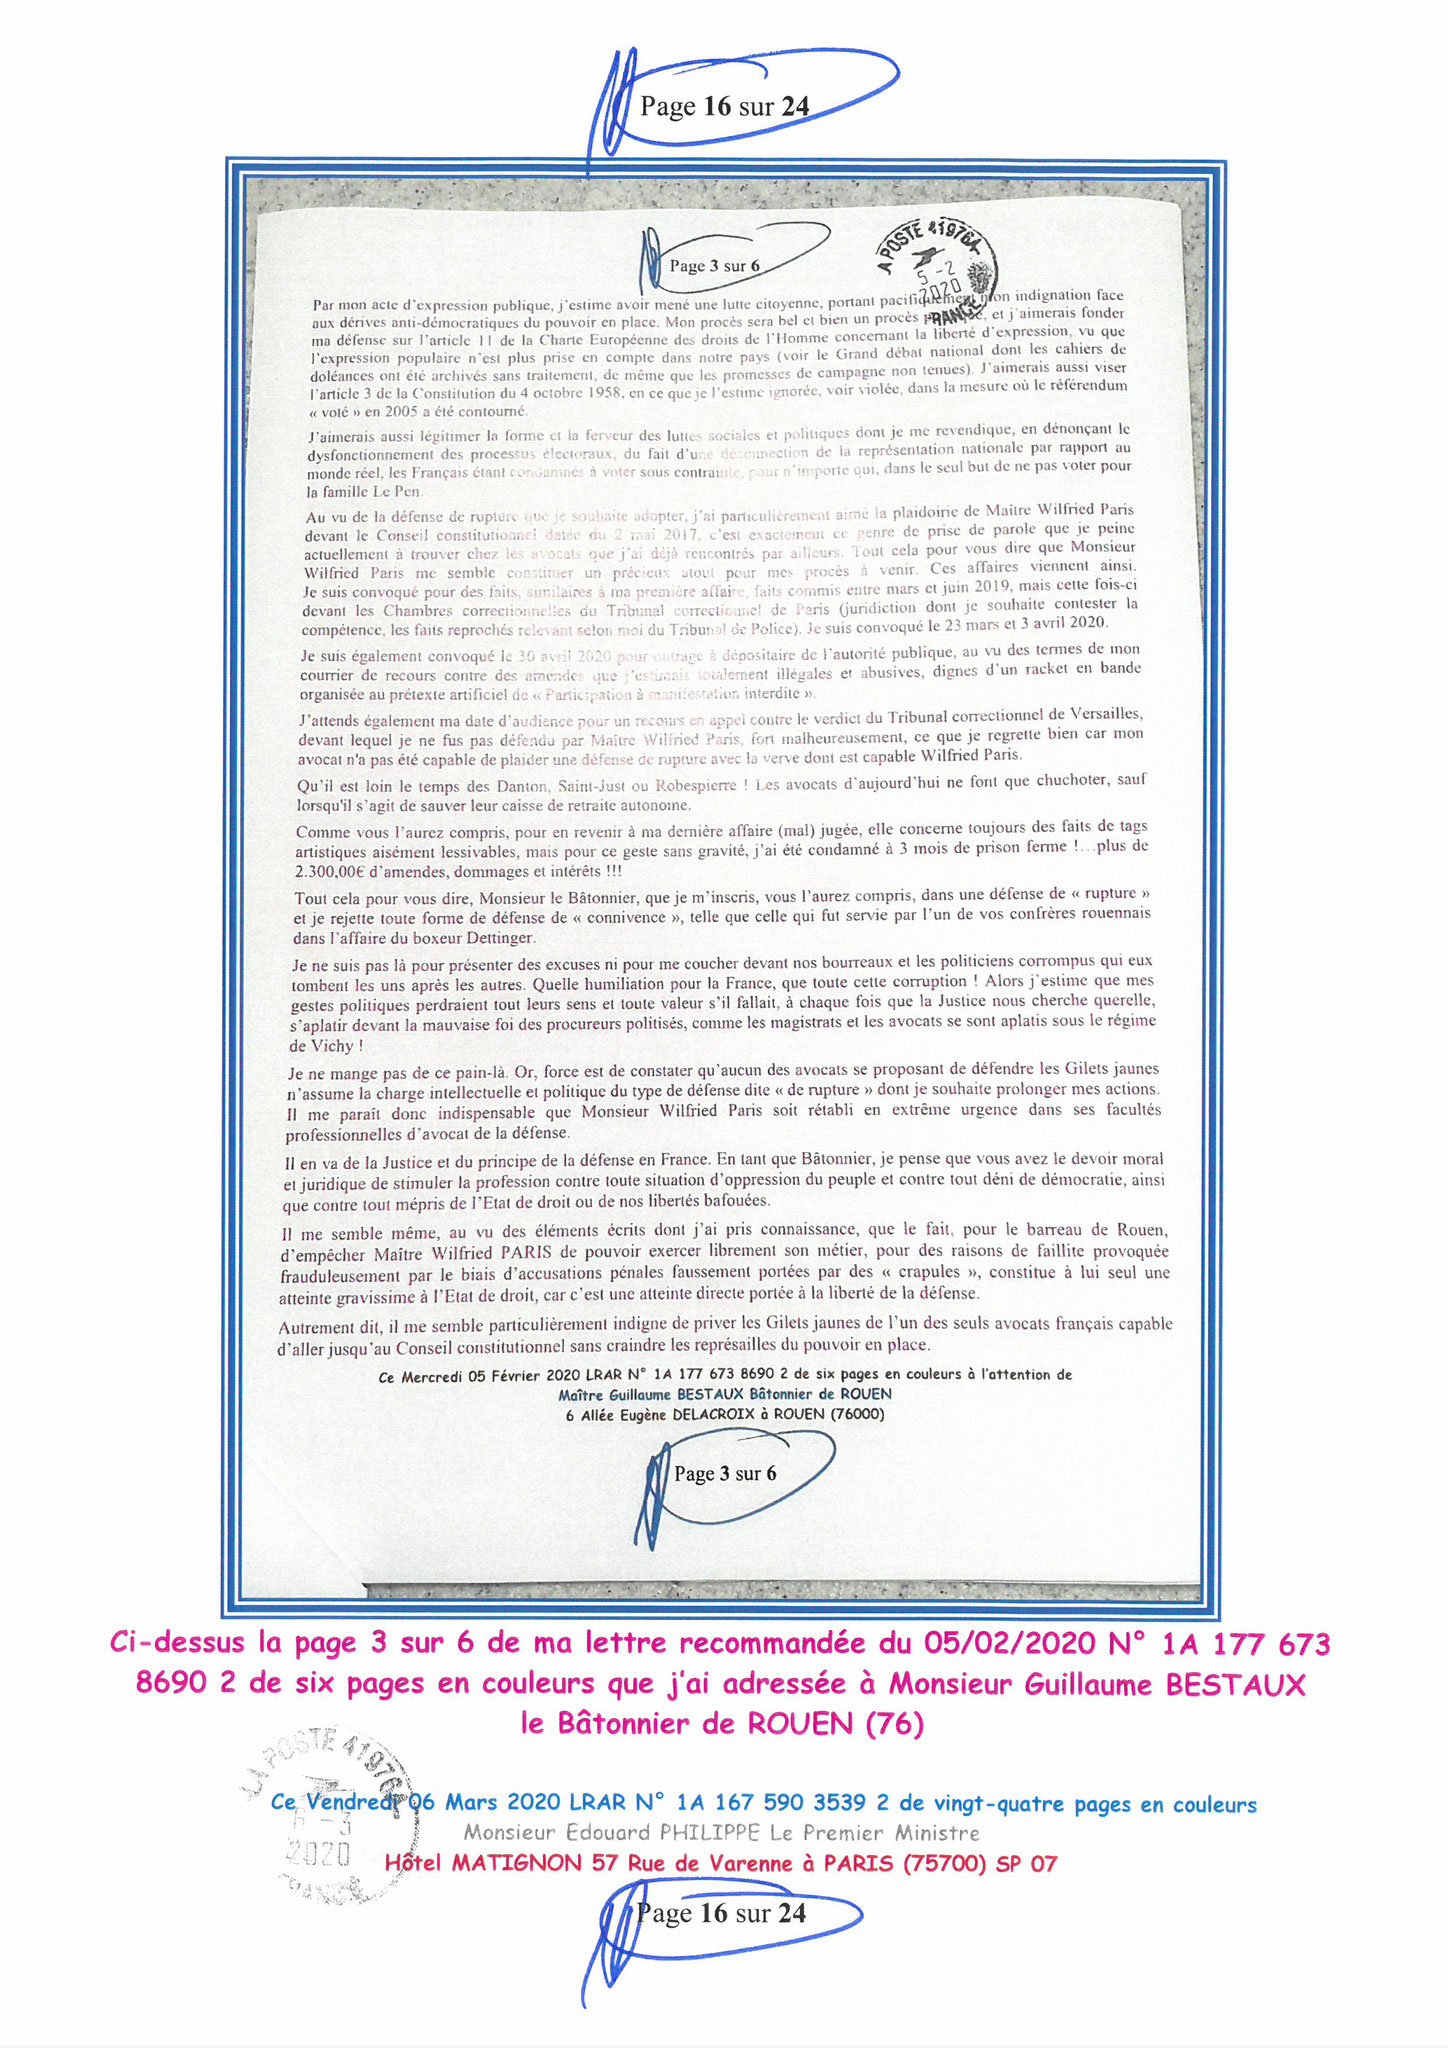 Ma LRAR à Monsieur le  Premier Ministre Edouard PHILIPPE N° 1A 167 590 3539 2 Page 16 sur 24 en Couleur du 06 Mars 2020  www.jesuispatrick.fr www.jesuisvictime.fr www.alerte-rouge-france.fr